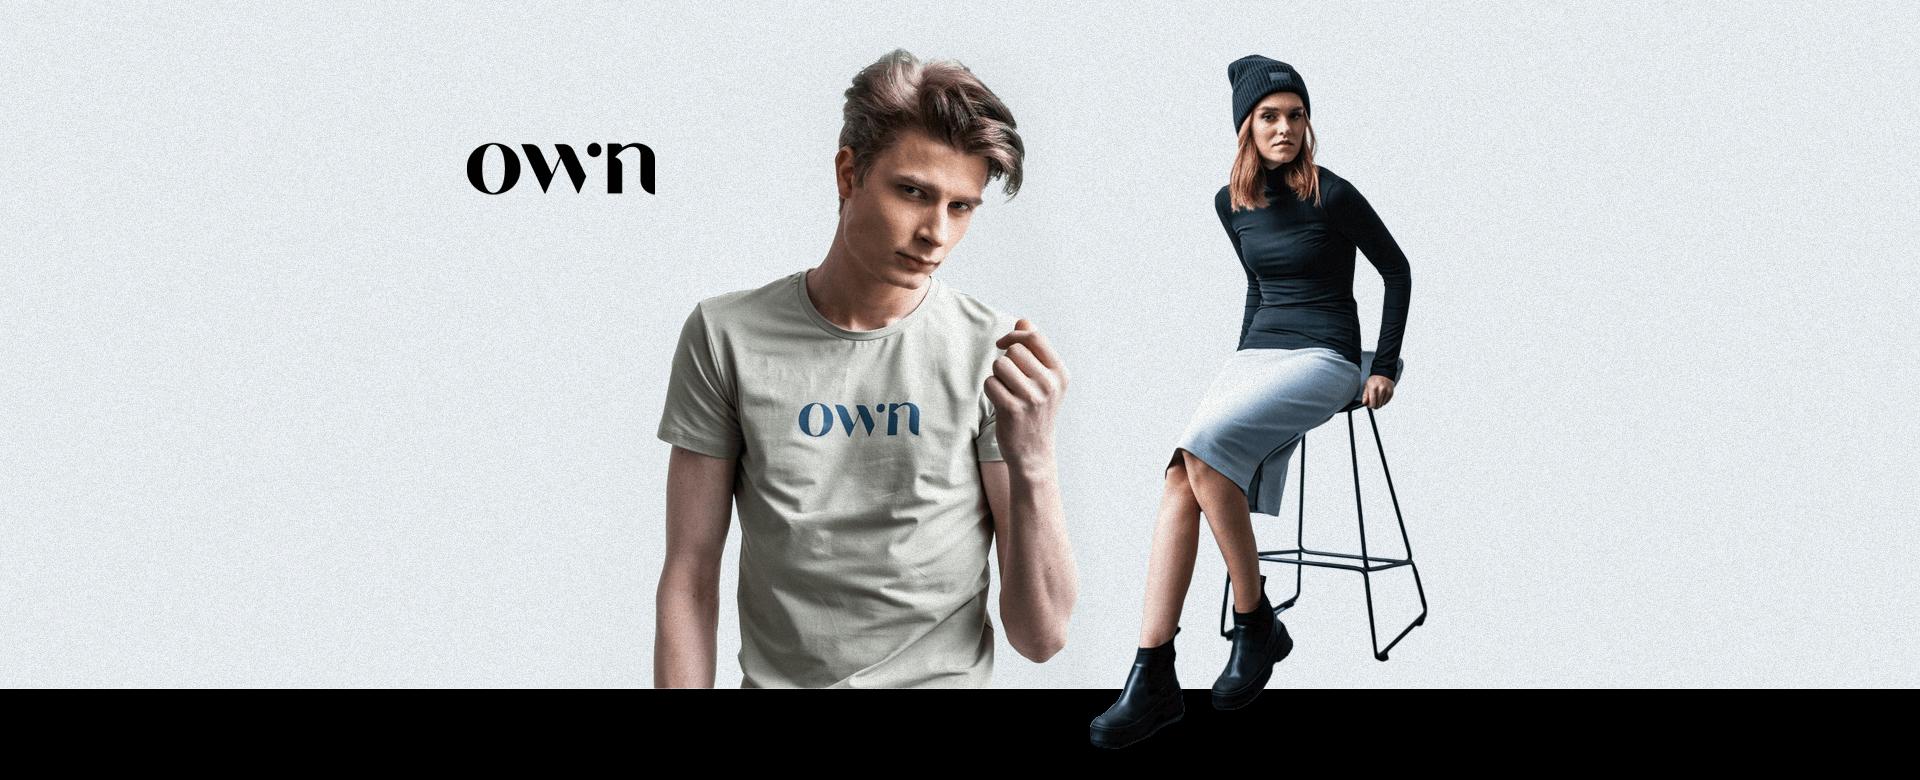 OWN wear